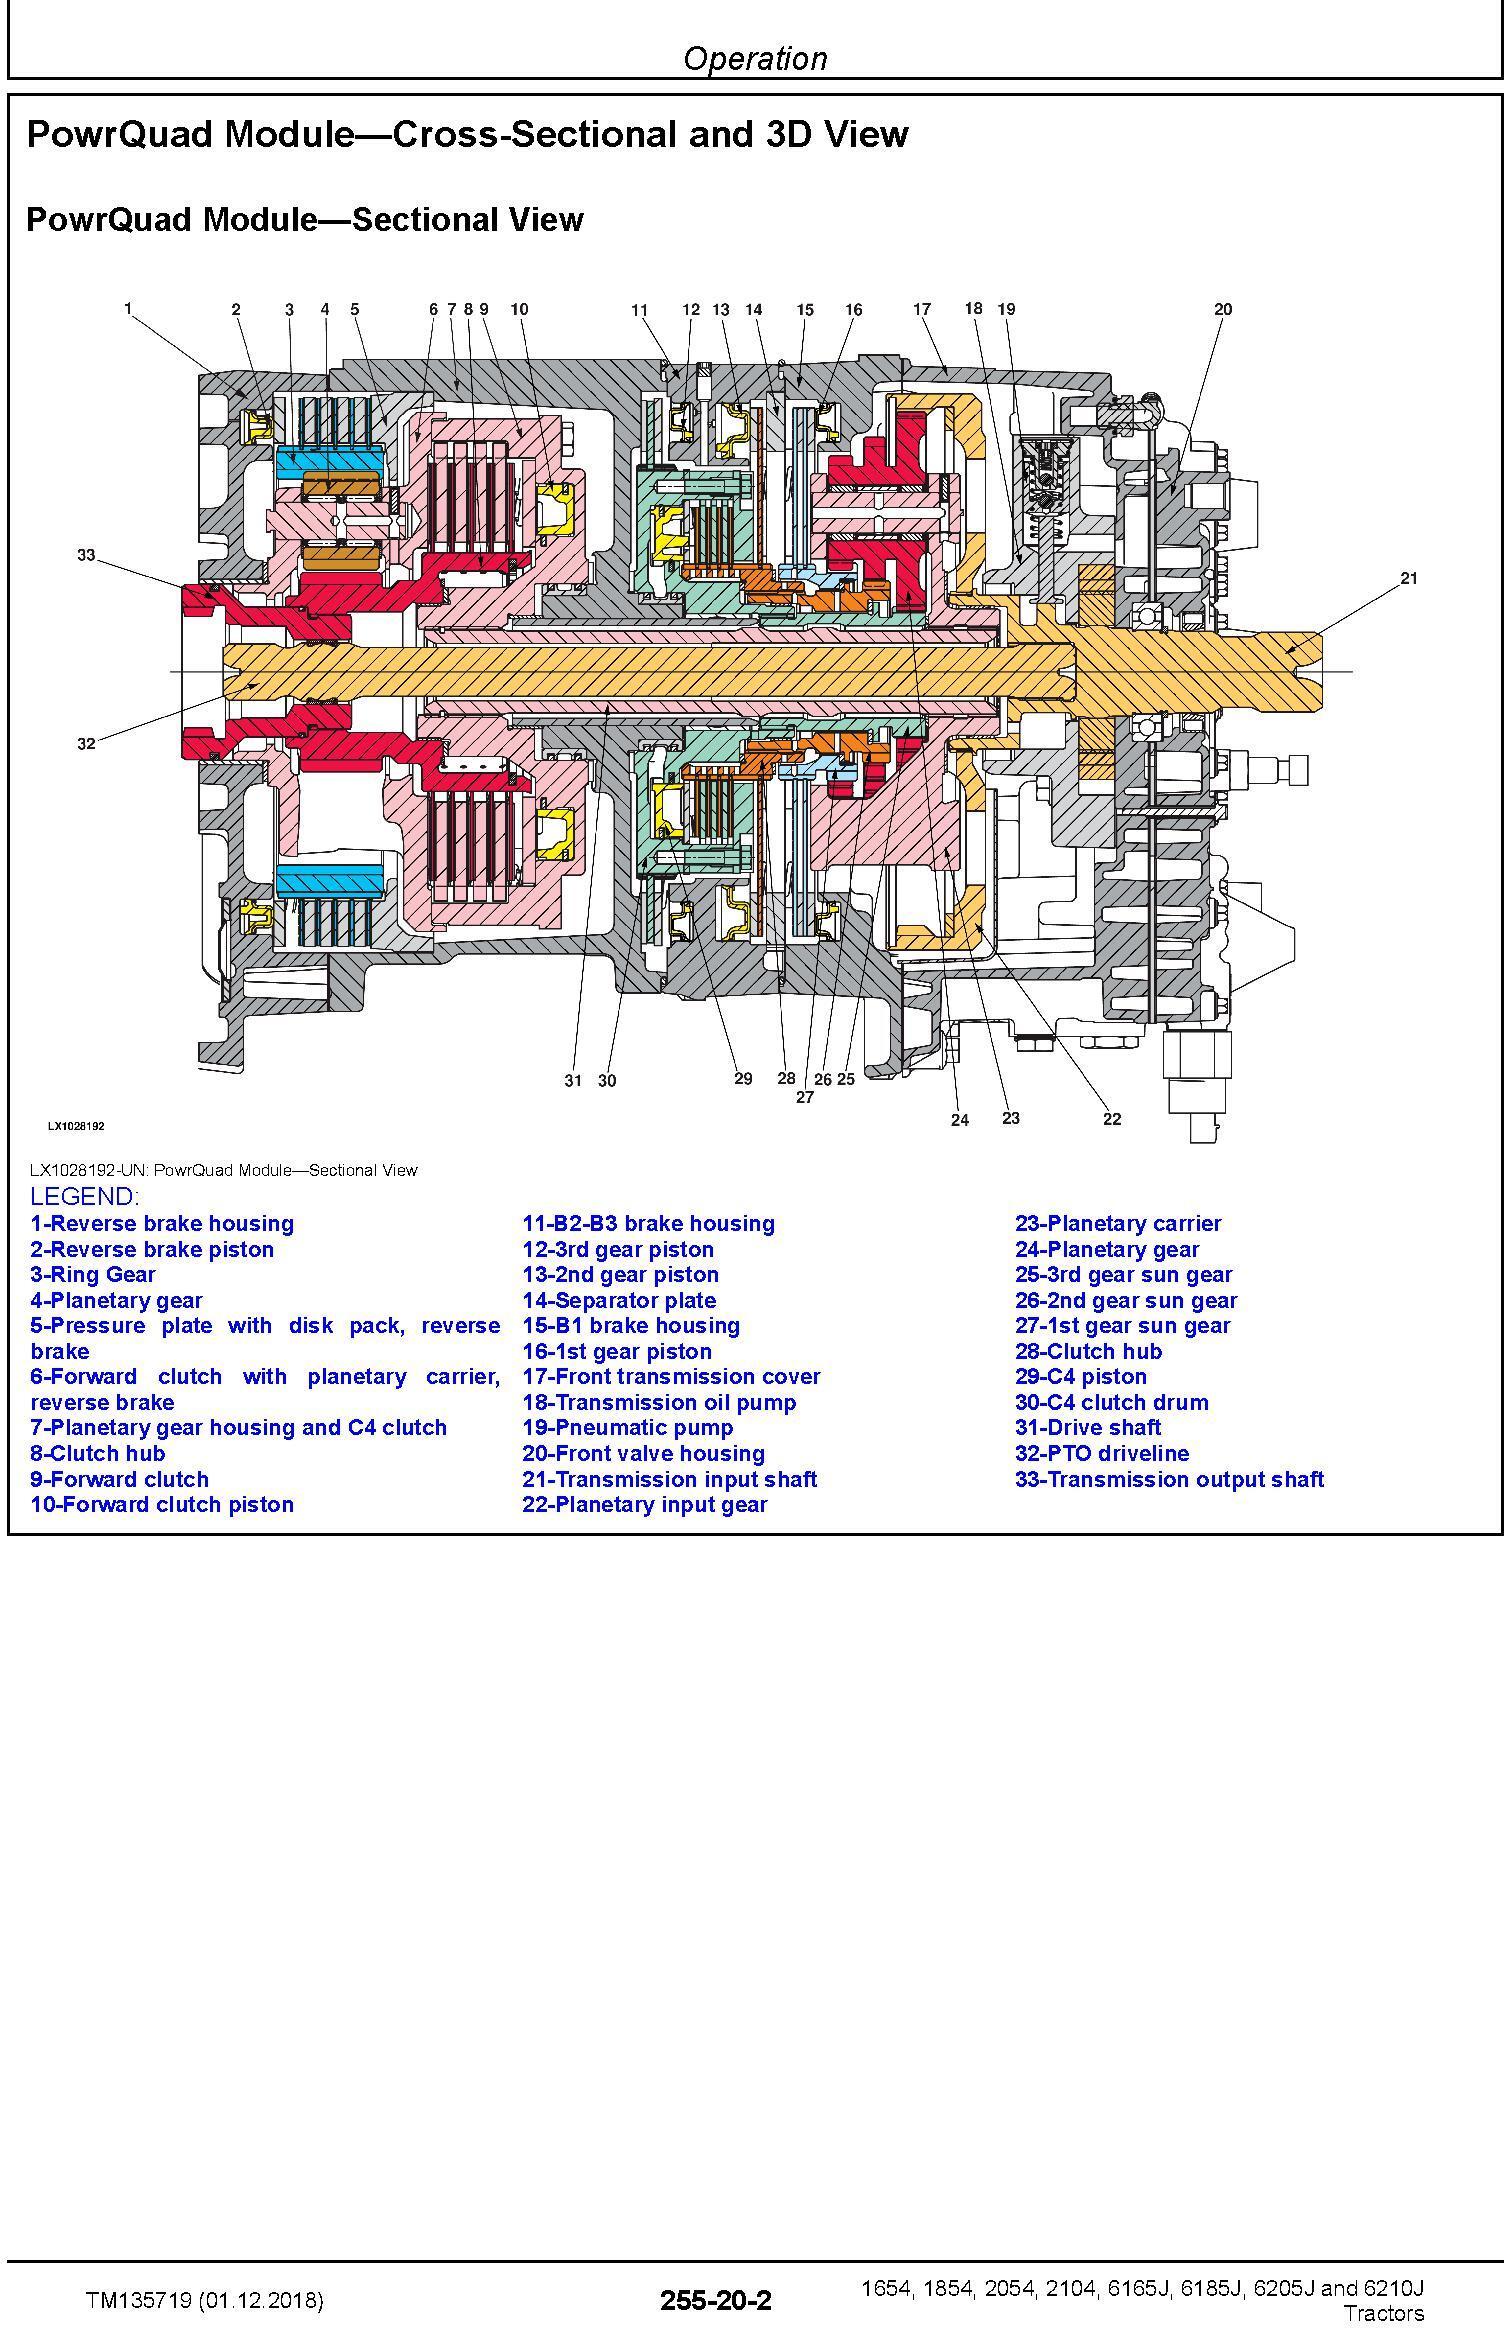 John Deere 6165J(6J-1654), 6185J(6J-1854), 6205J(6J-2054), 6210J(6J-2104) Tractors Diagnostic Manual (TM135719) - 2